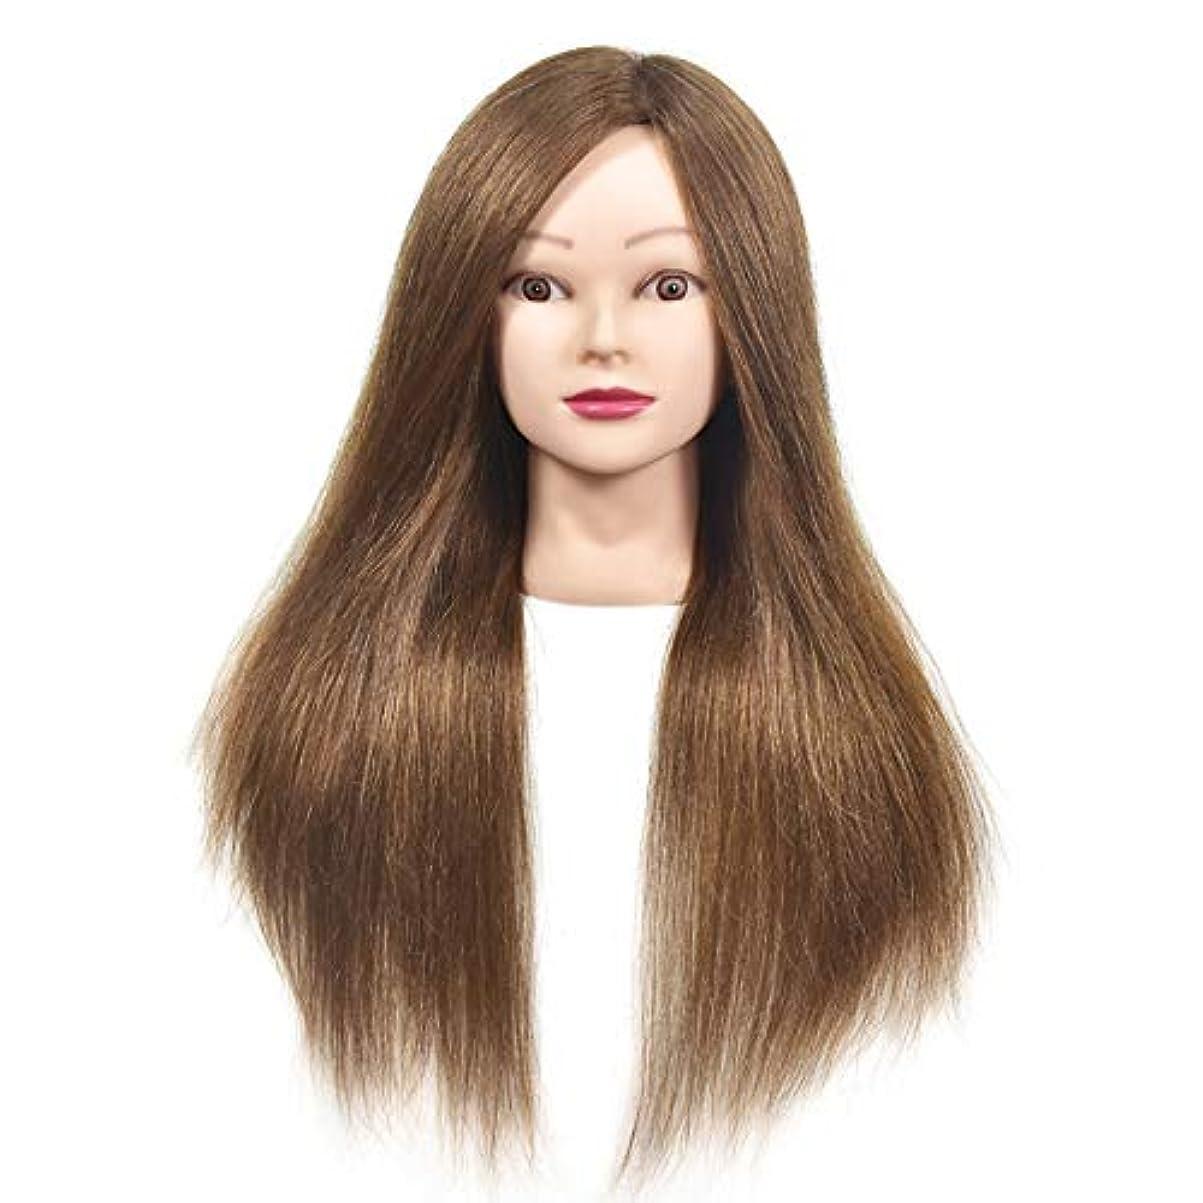 干渉する宿る作り本物の人間の髪のかつらの頭の金型の頭の編み出しスタイリングのマネキン頭の理髪店の練習の教師のダミーヘッド